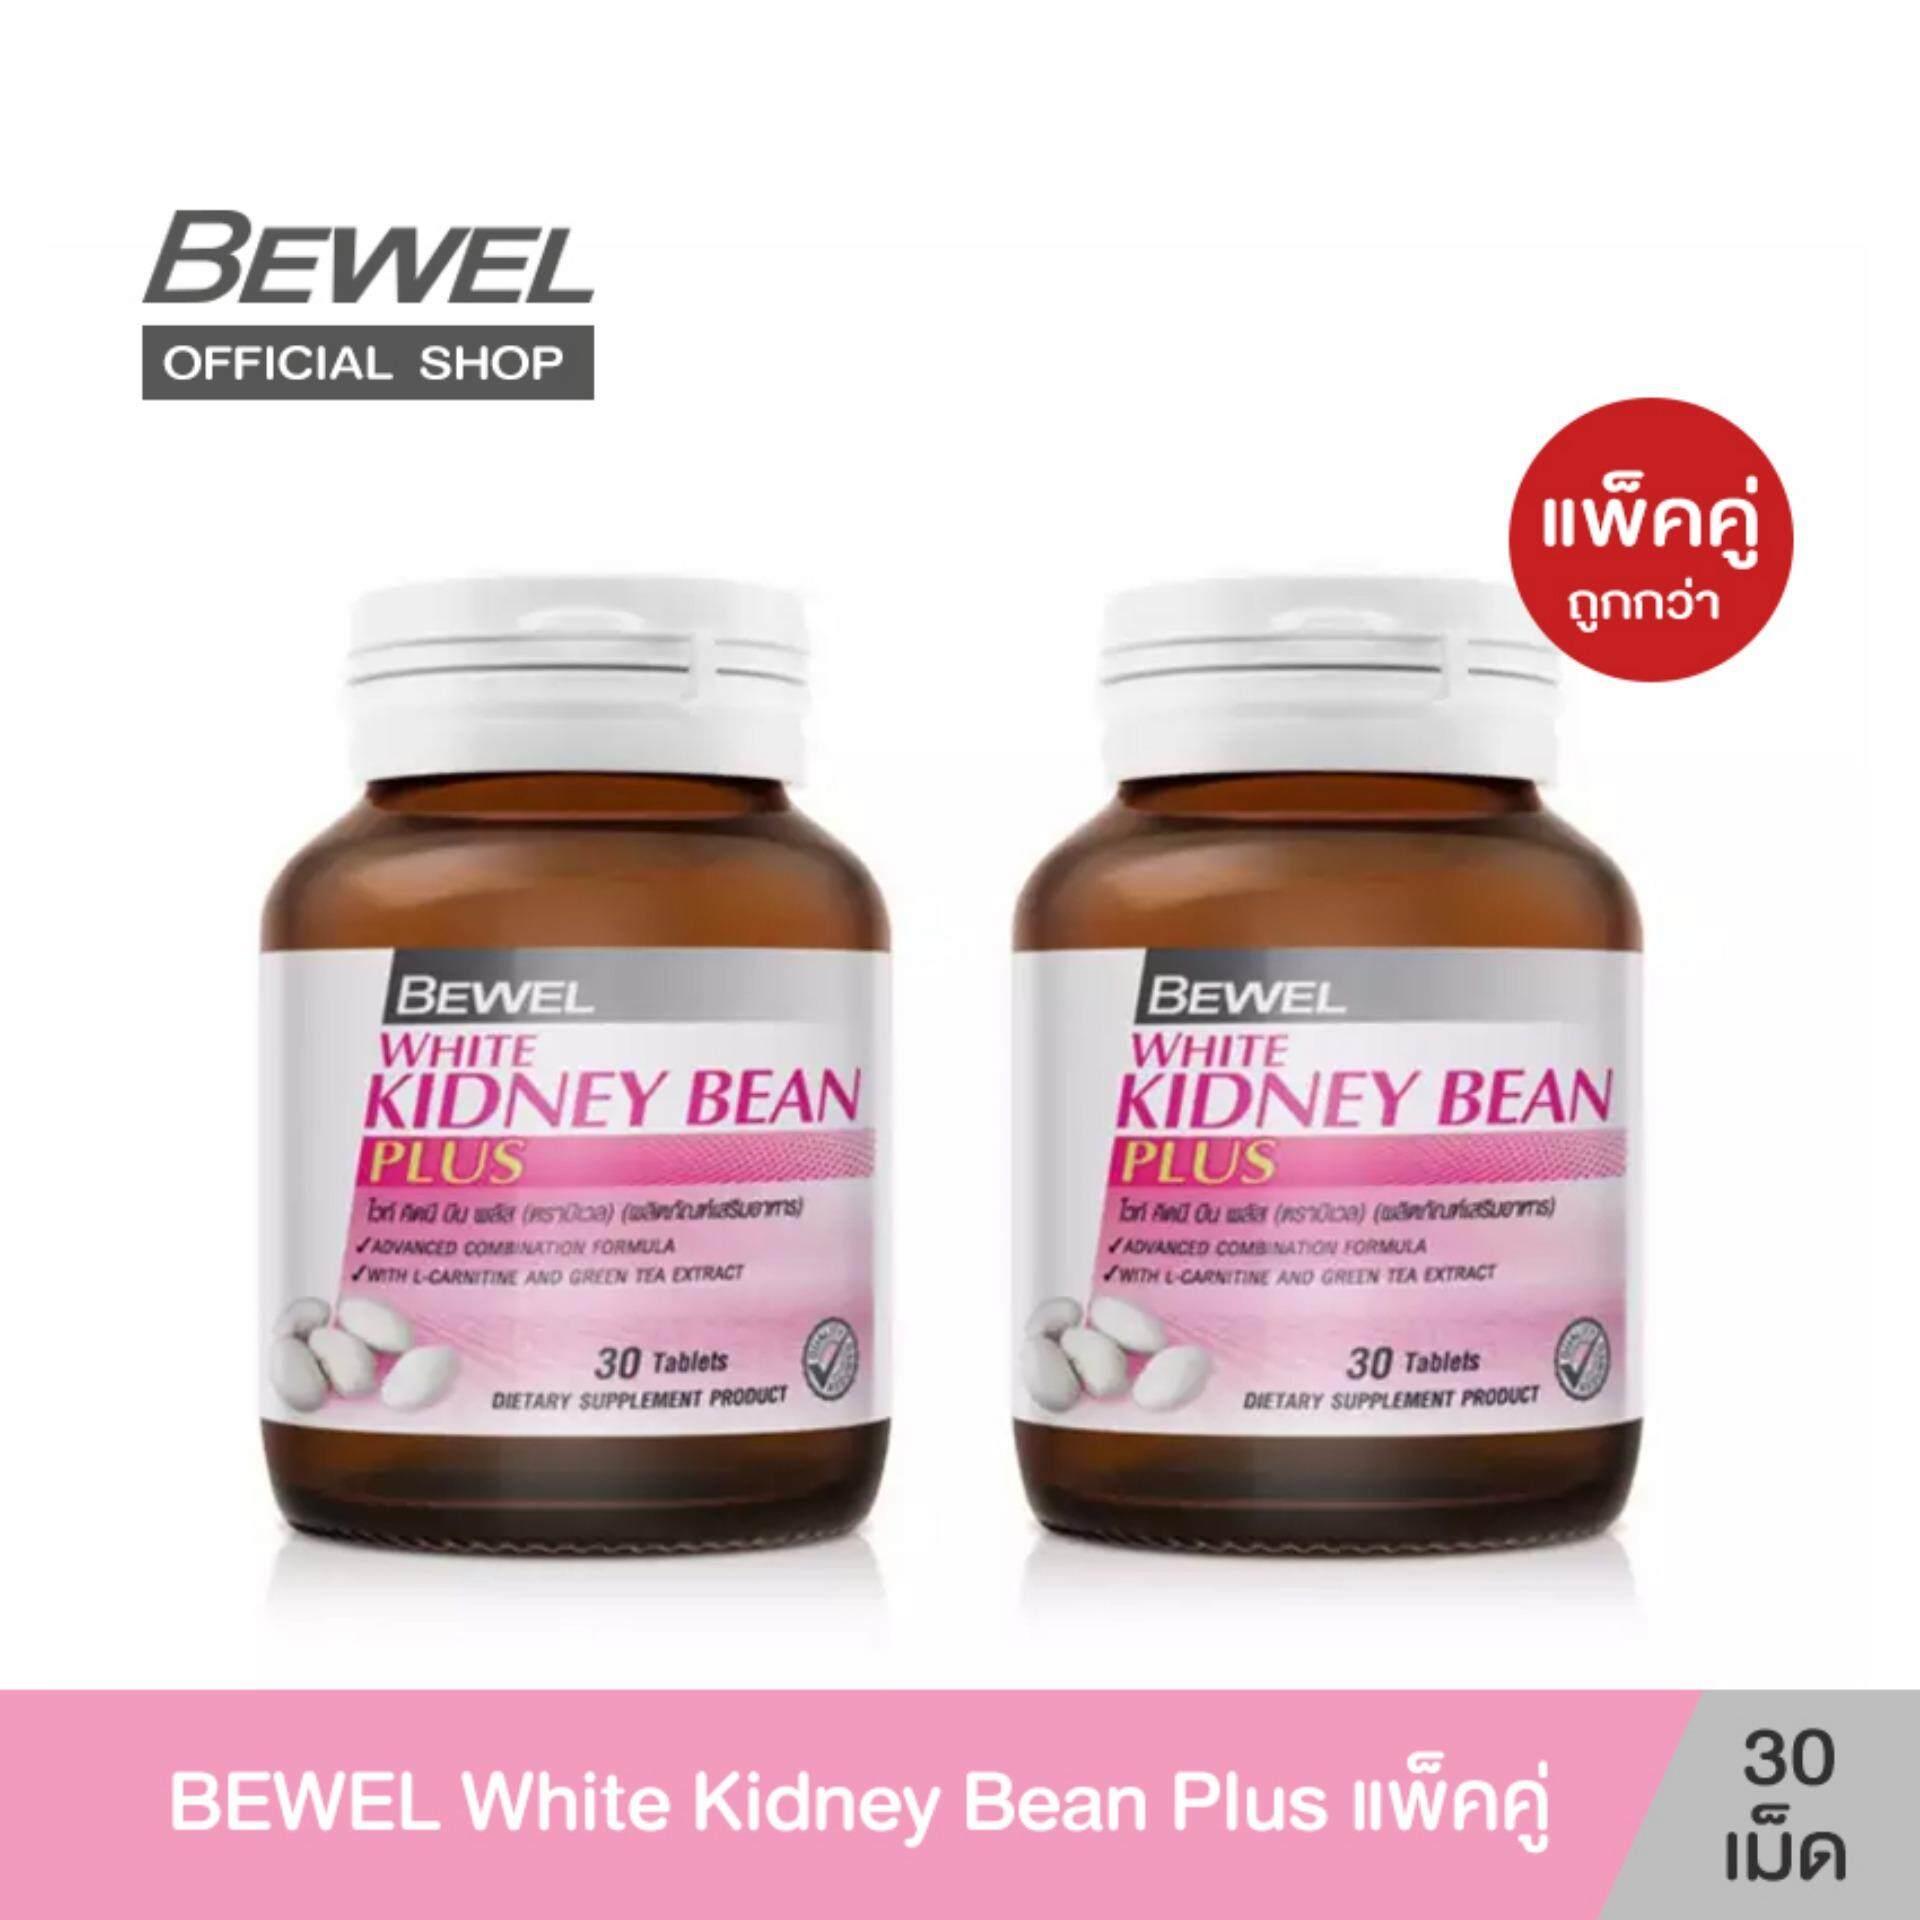 Bewel White Kidney Bean Plus (30 Caps) แพ็คคู่ By Bewel.